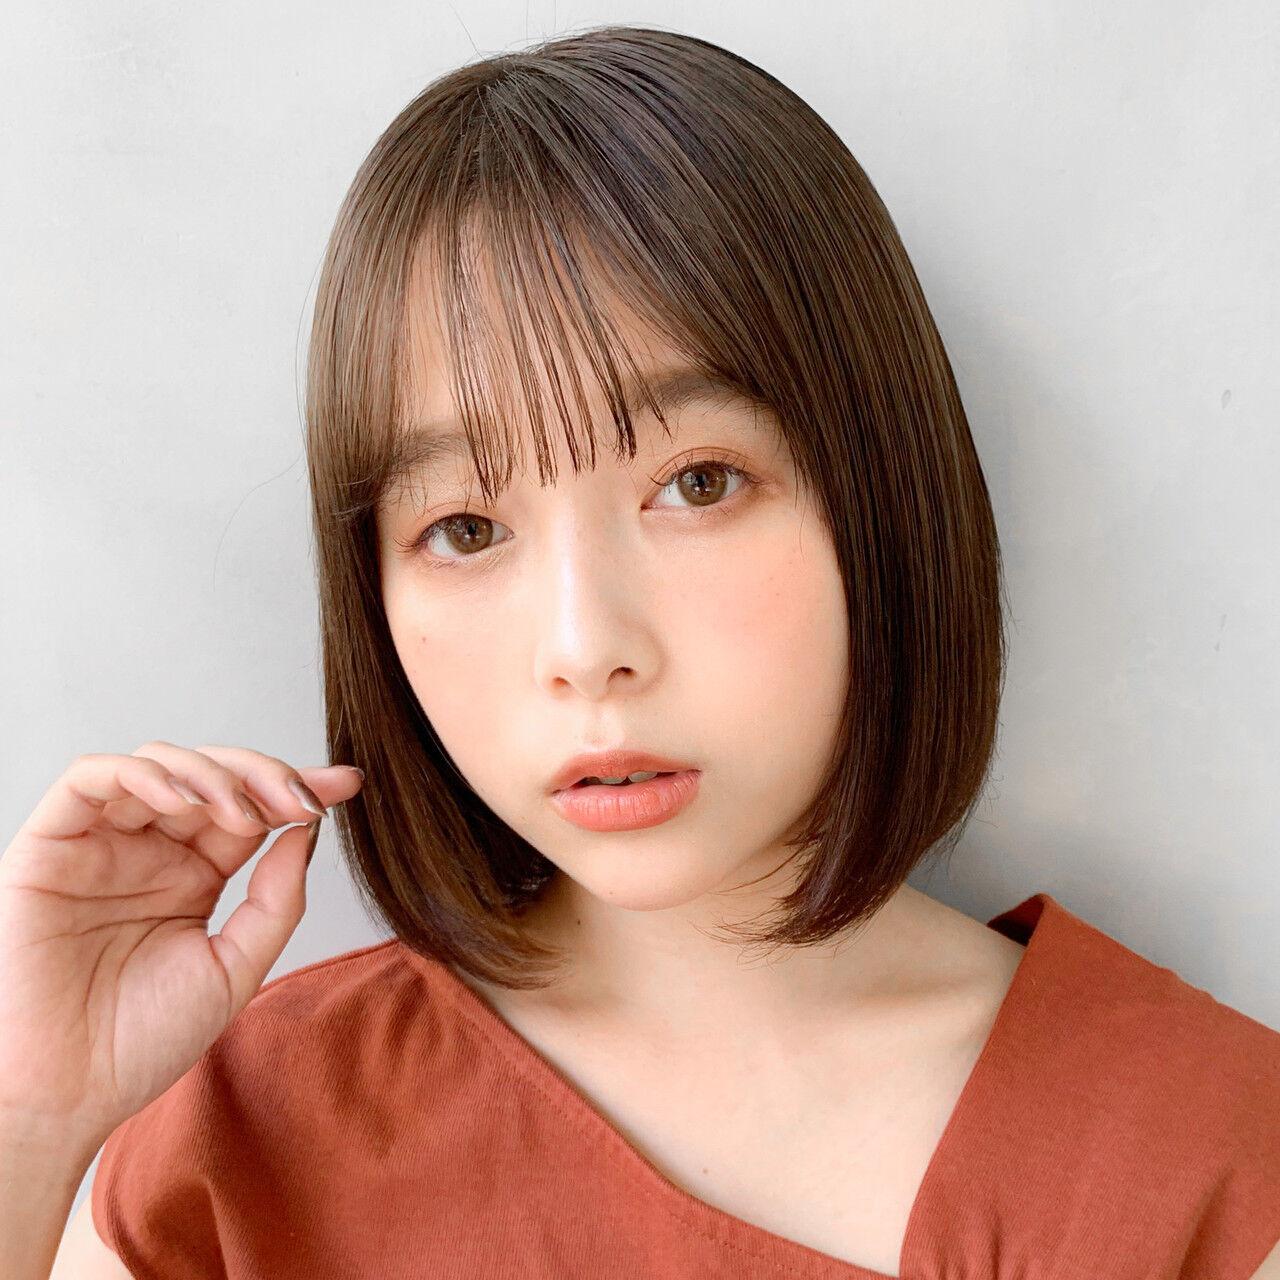 毛先パーマ ナチュラル 大人可愛い ヘアアレンジヘアスタイルや髪型の写真・画像